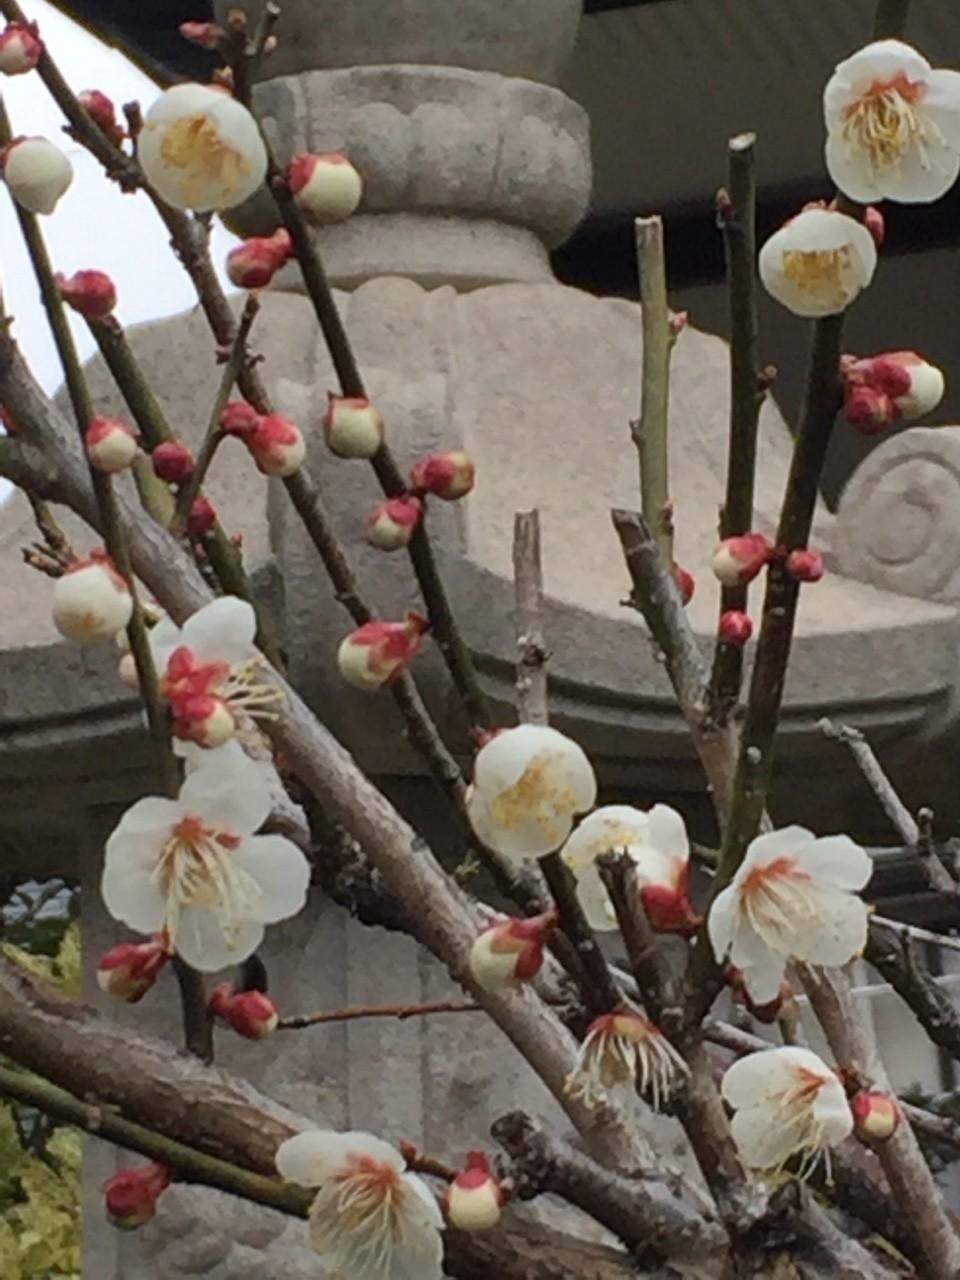 梅は岐阜県美濃地方はもう見頃でしょうね。 今週いっぱいはほとんど雨みたいだから、雨と梅見るにはいいかも♪ と、勝手にウキウキしてます。  またウグイスや変わった鳥の声が聞けたらいいな。  ウグイスや変わった鳥の鳴き声は、梅や桜の木の近くでよく聞くのですが、梅は近所のお宅にちらほら植えてあるのを見るぐらいで、桜並木ならぬ『梅並木』って見たことないな〜と、ふと思いました。 桜は木曽川に近い地域ならよく見るのにw ちょっと探してみようかな。